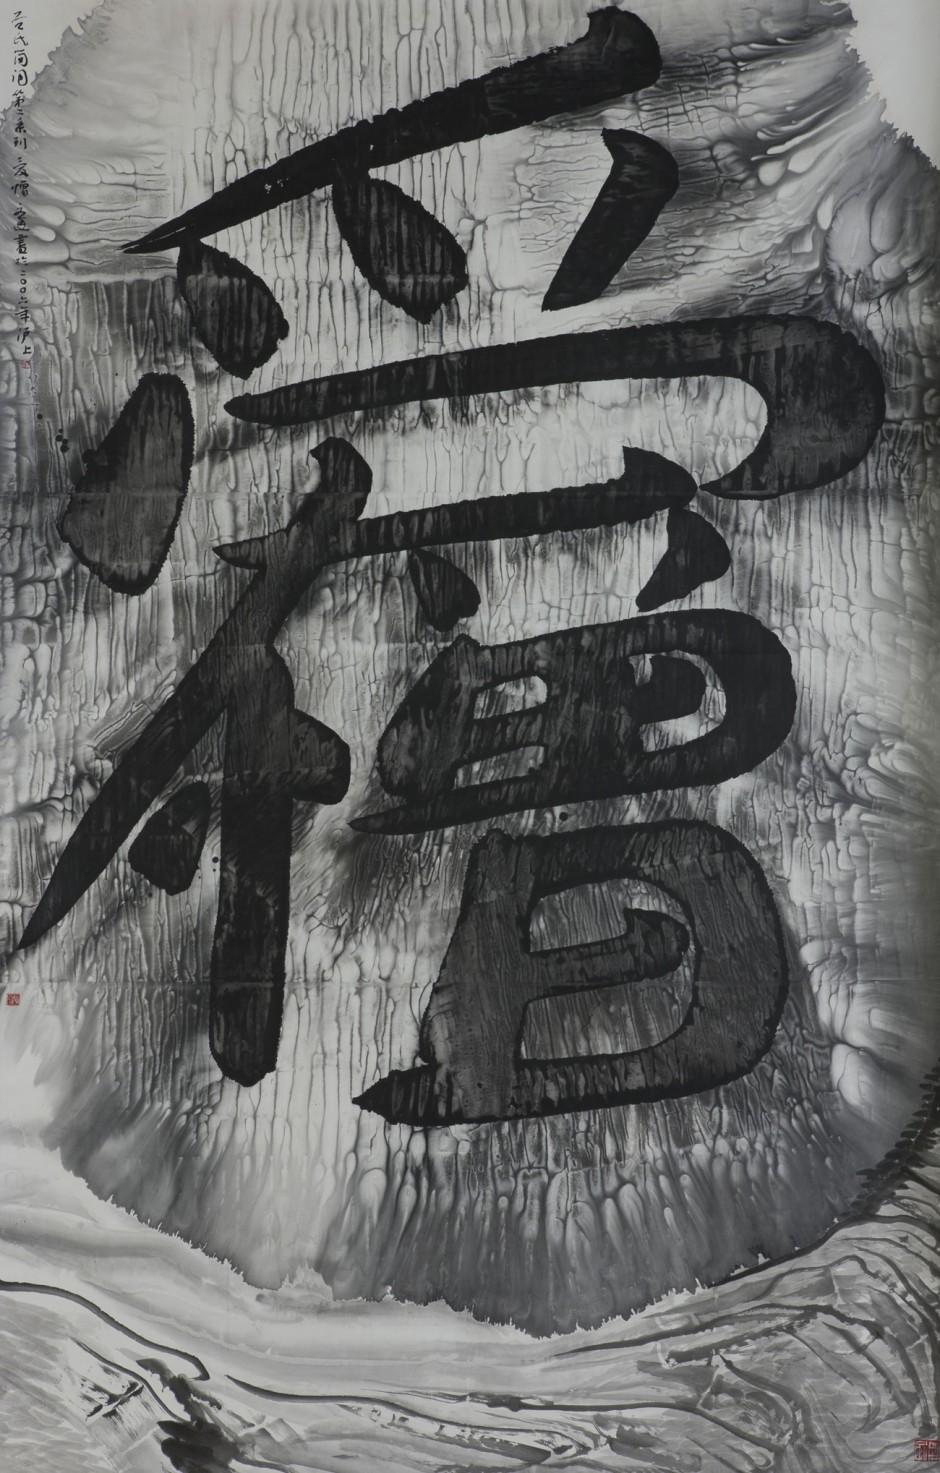 GU Wenda, »Love and Hate«, 2005, Tusche auf Reispapier, 310 x 205 cm